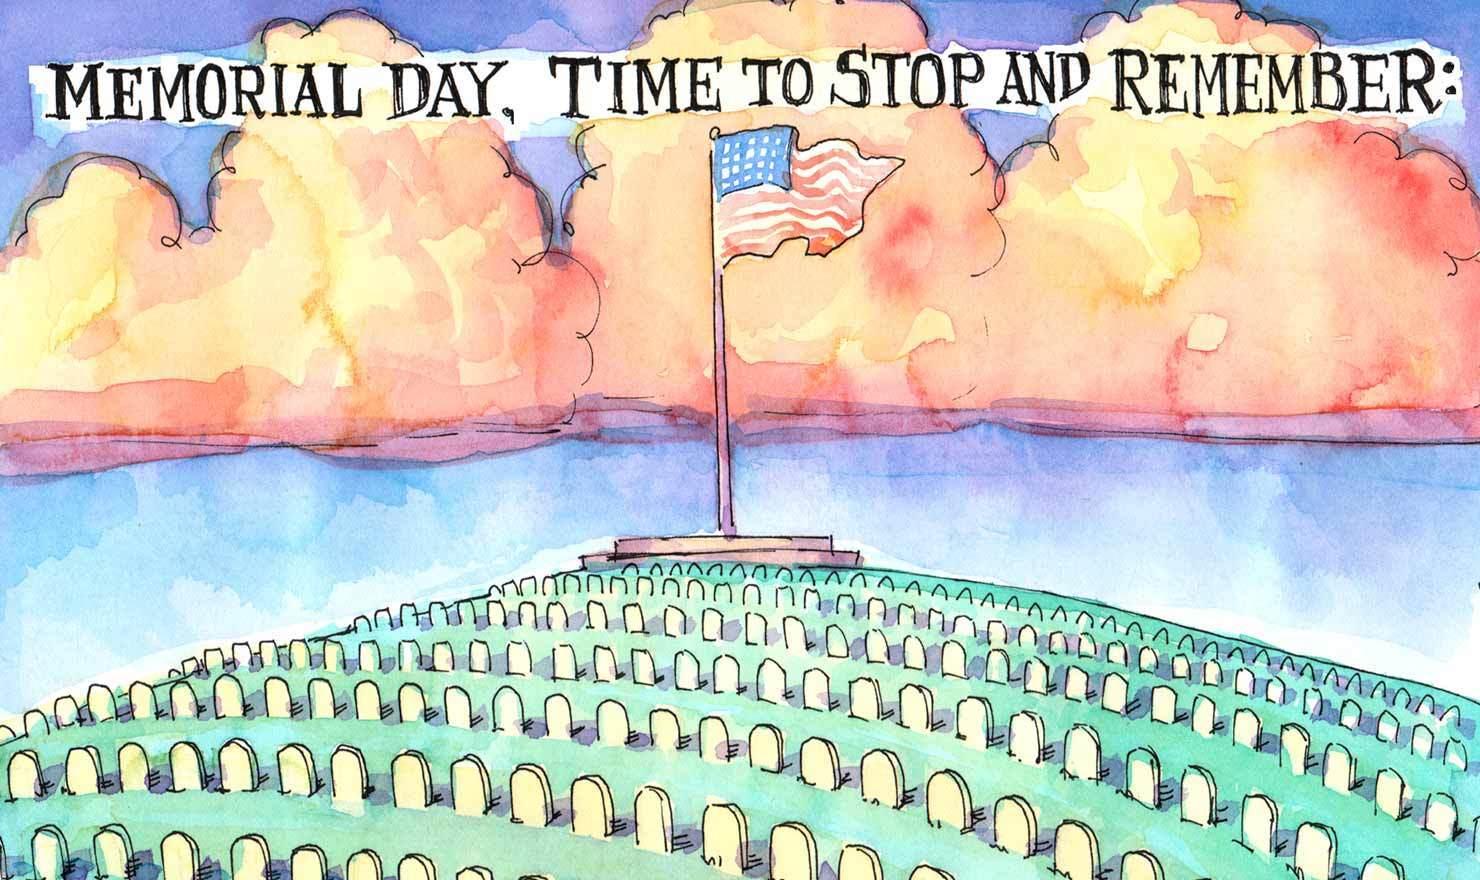 10 Comics For Memorial Day